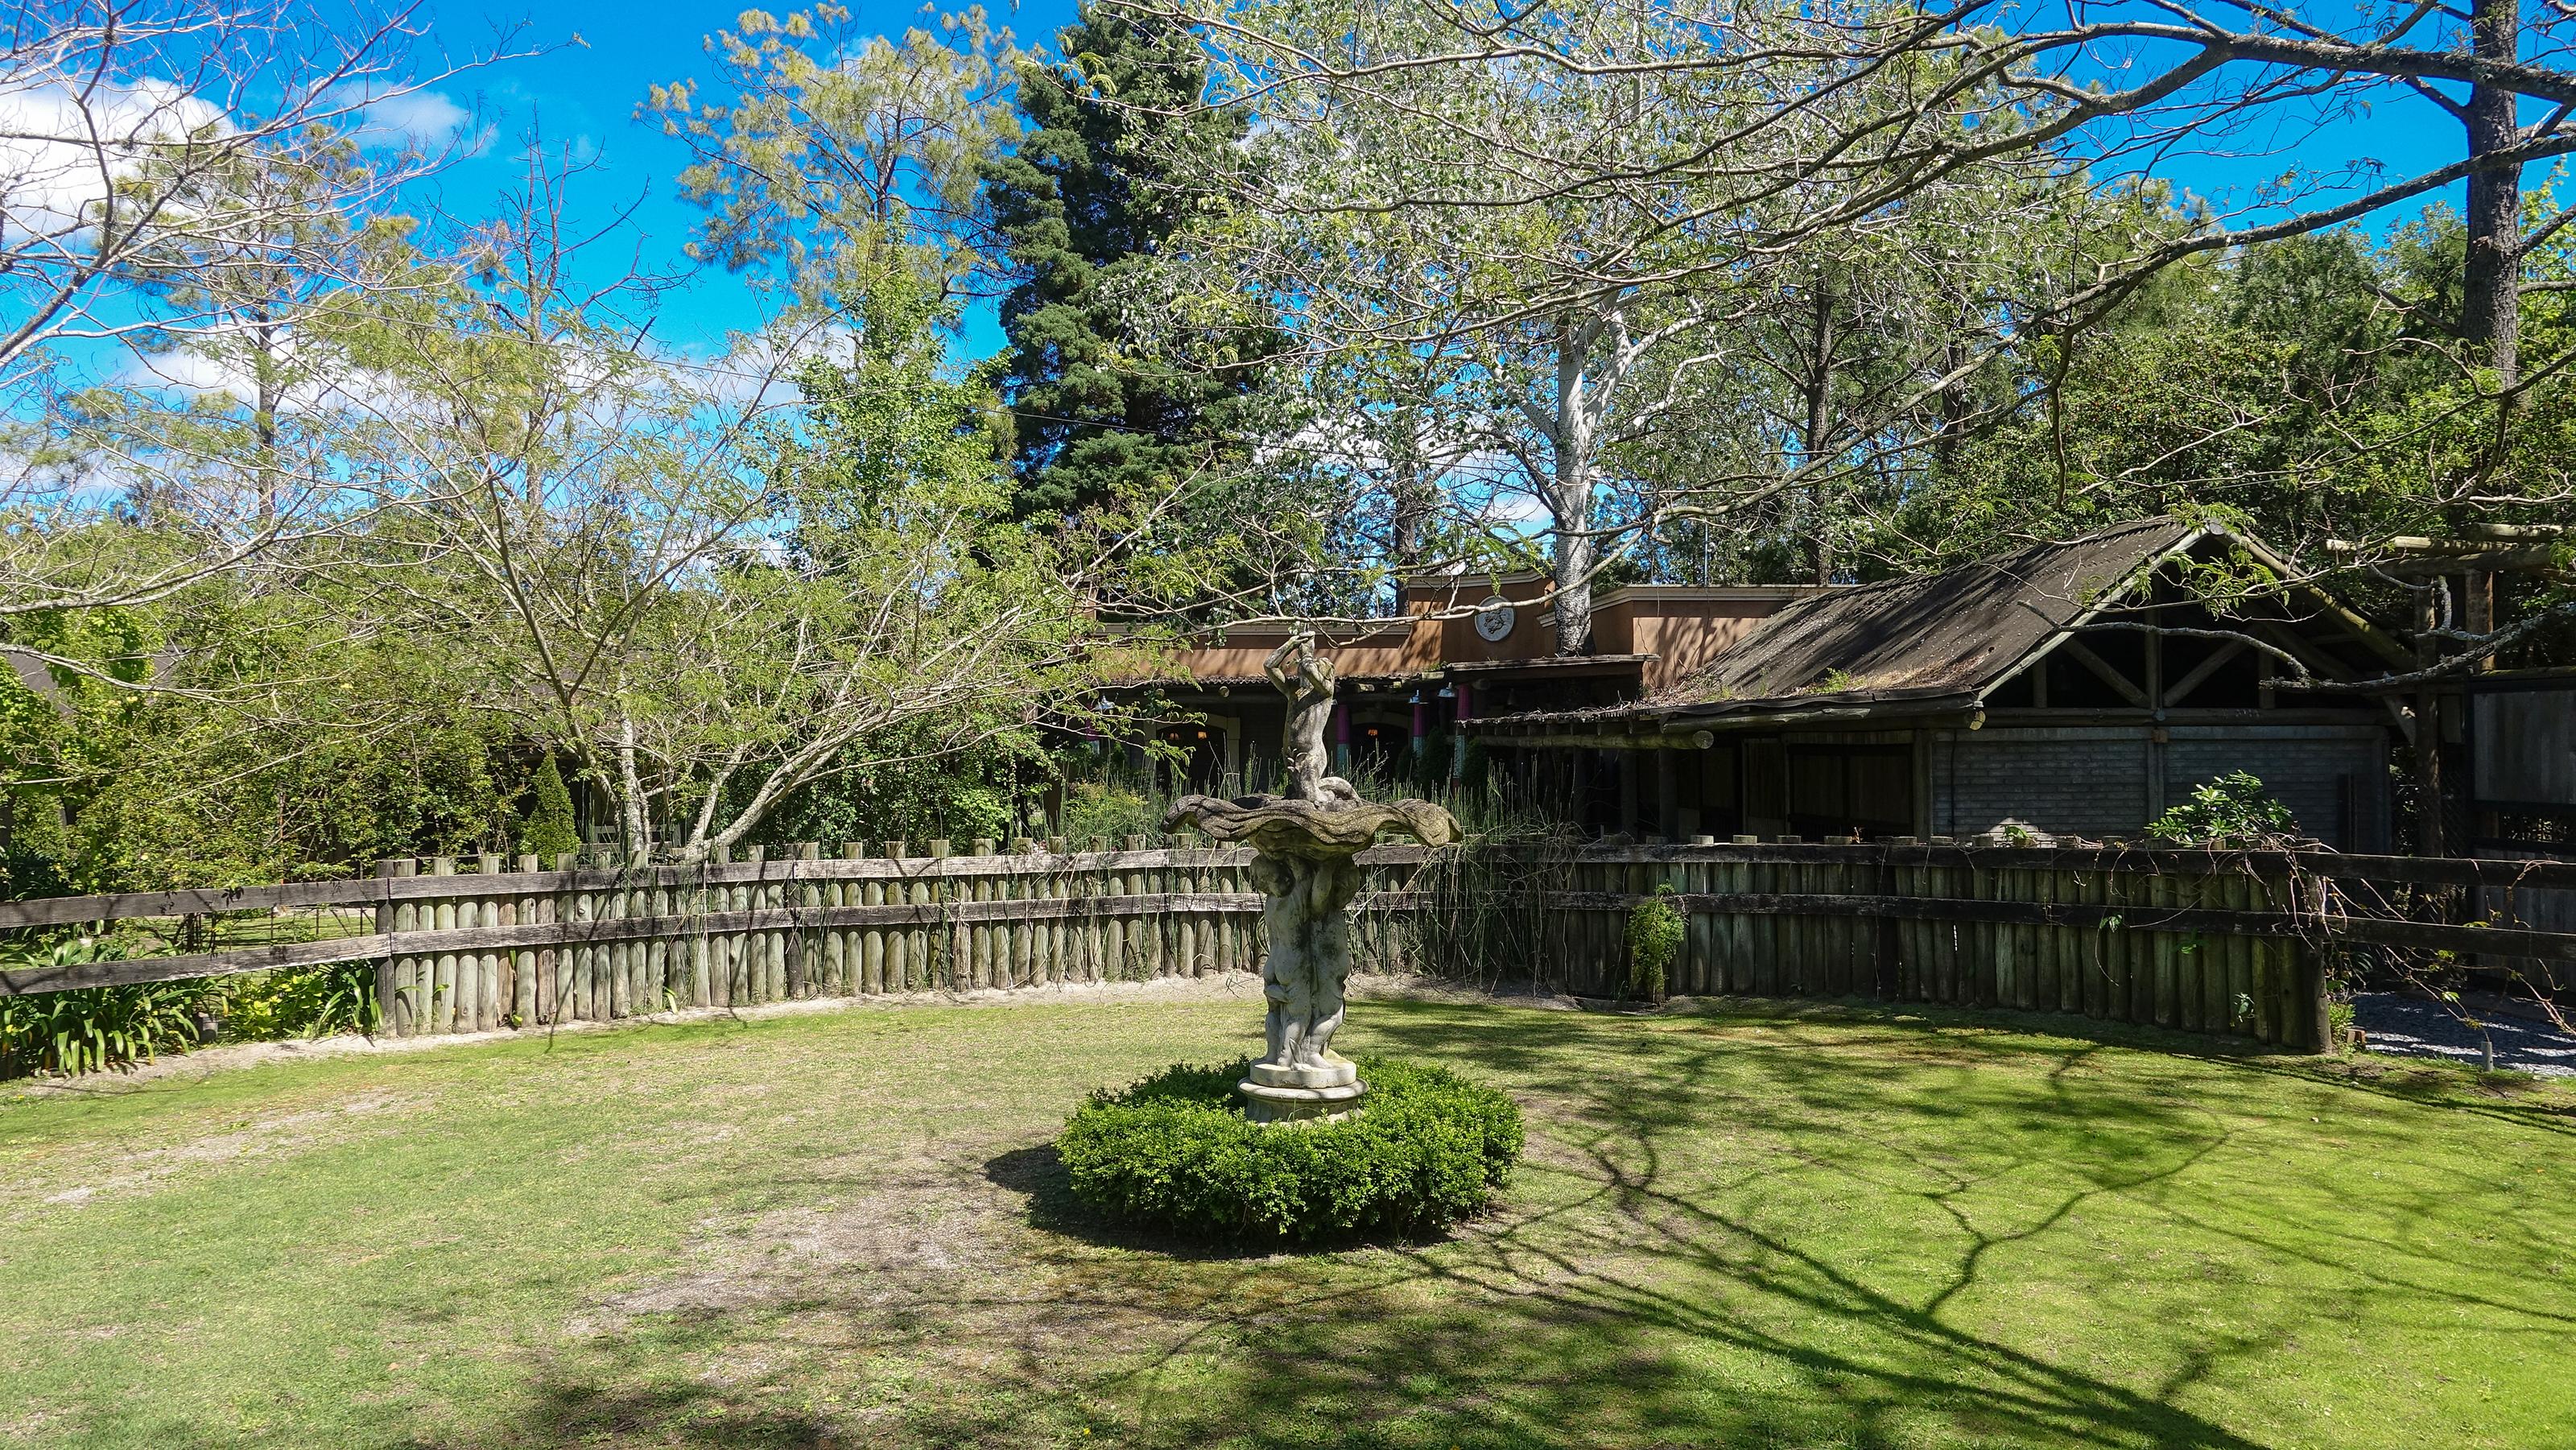 Haras de Charme garden view